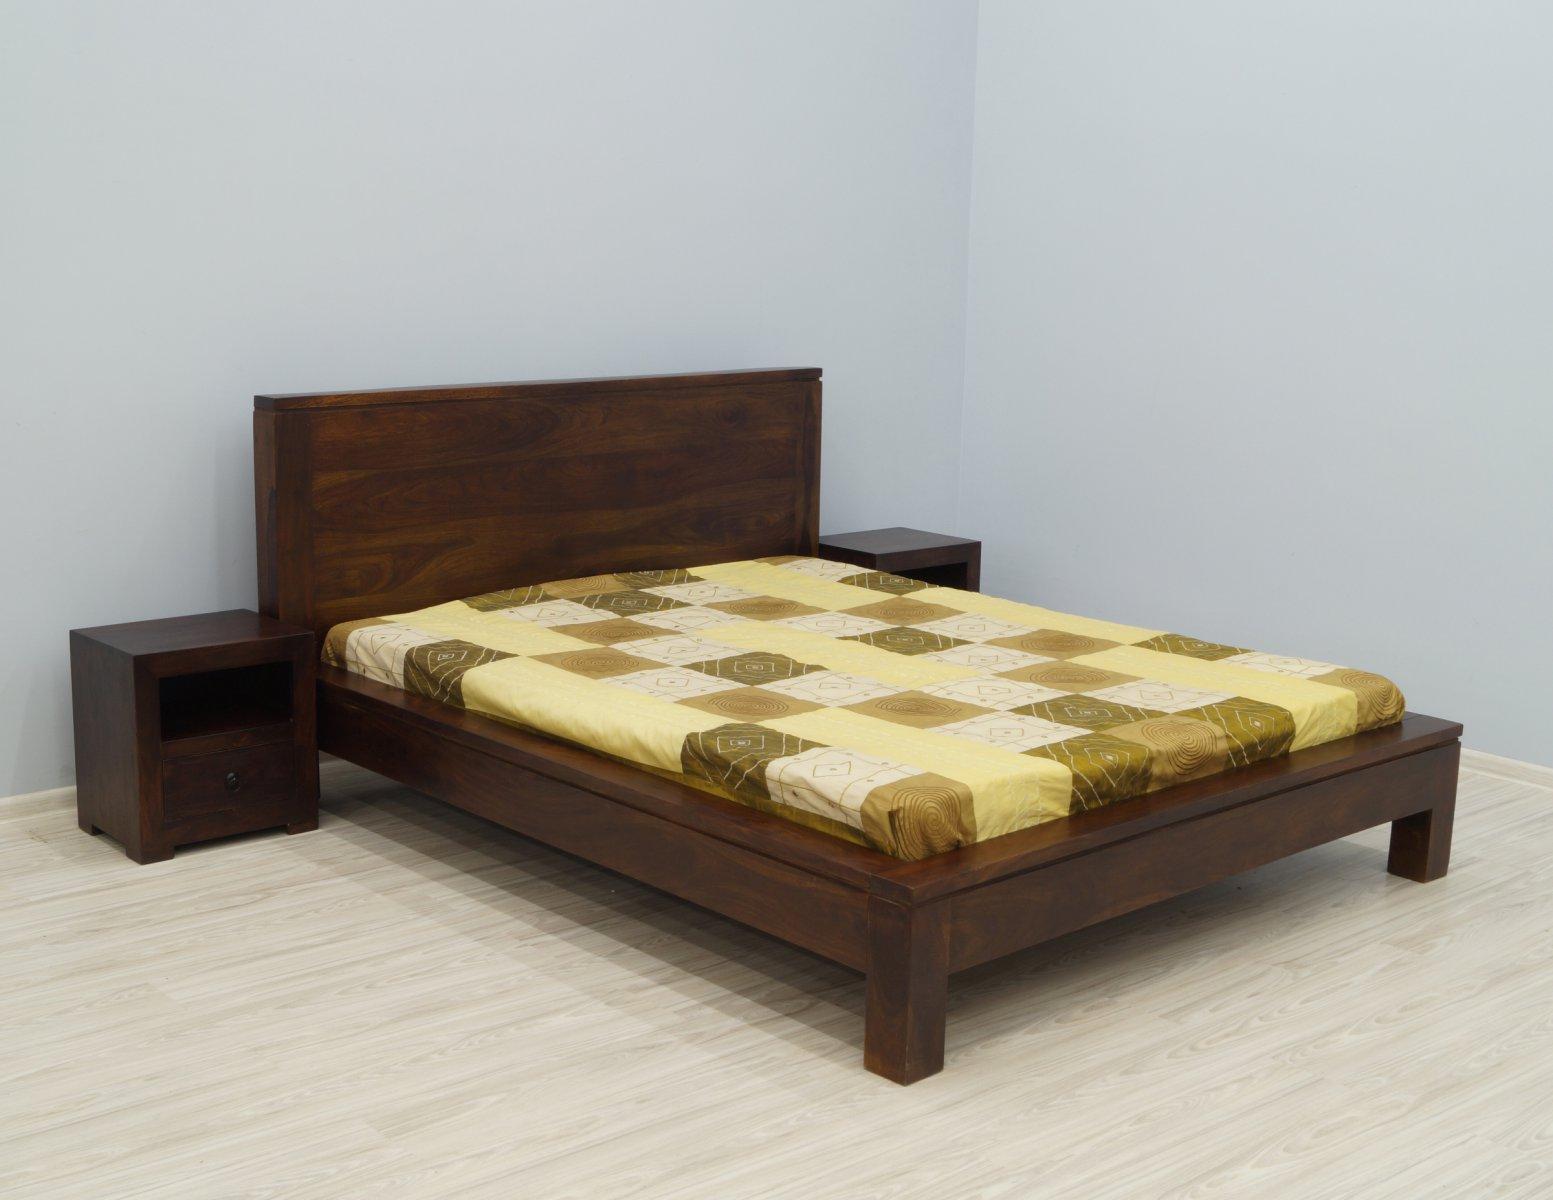 Łóżko kolonialne lite drewno palisander indyjski ciemny brąz